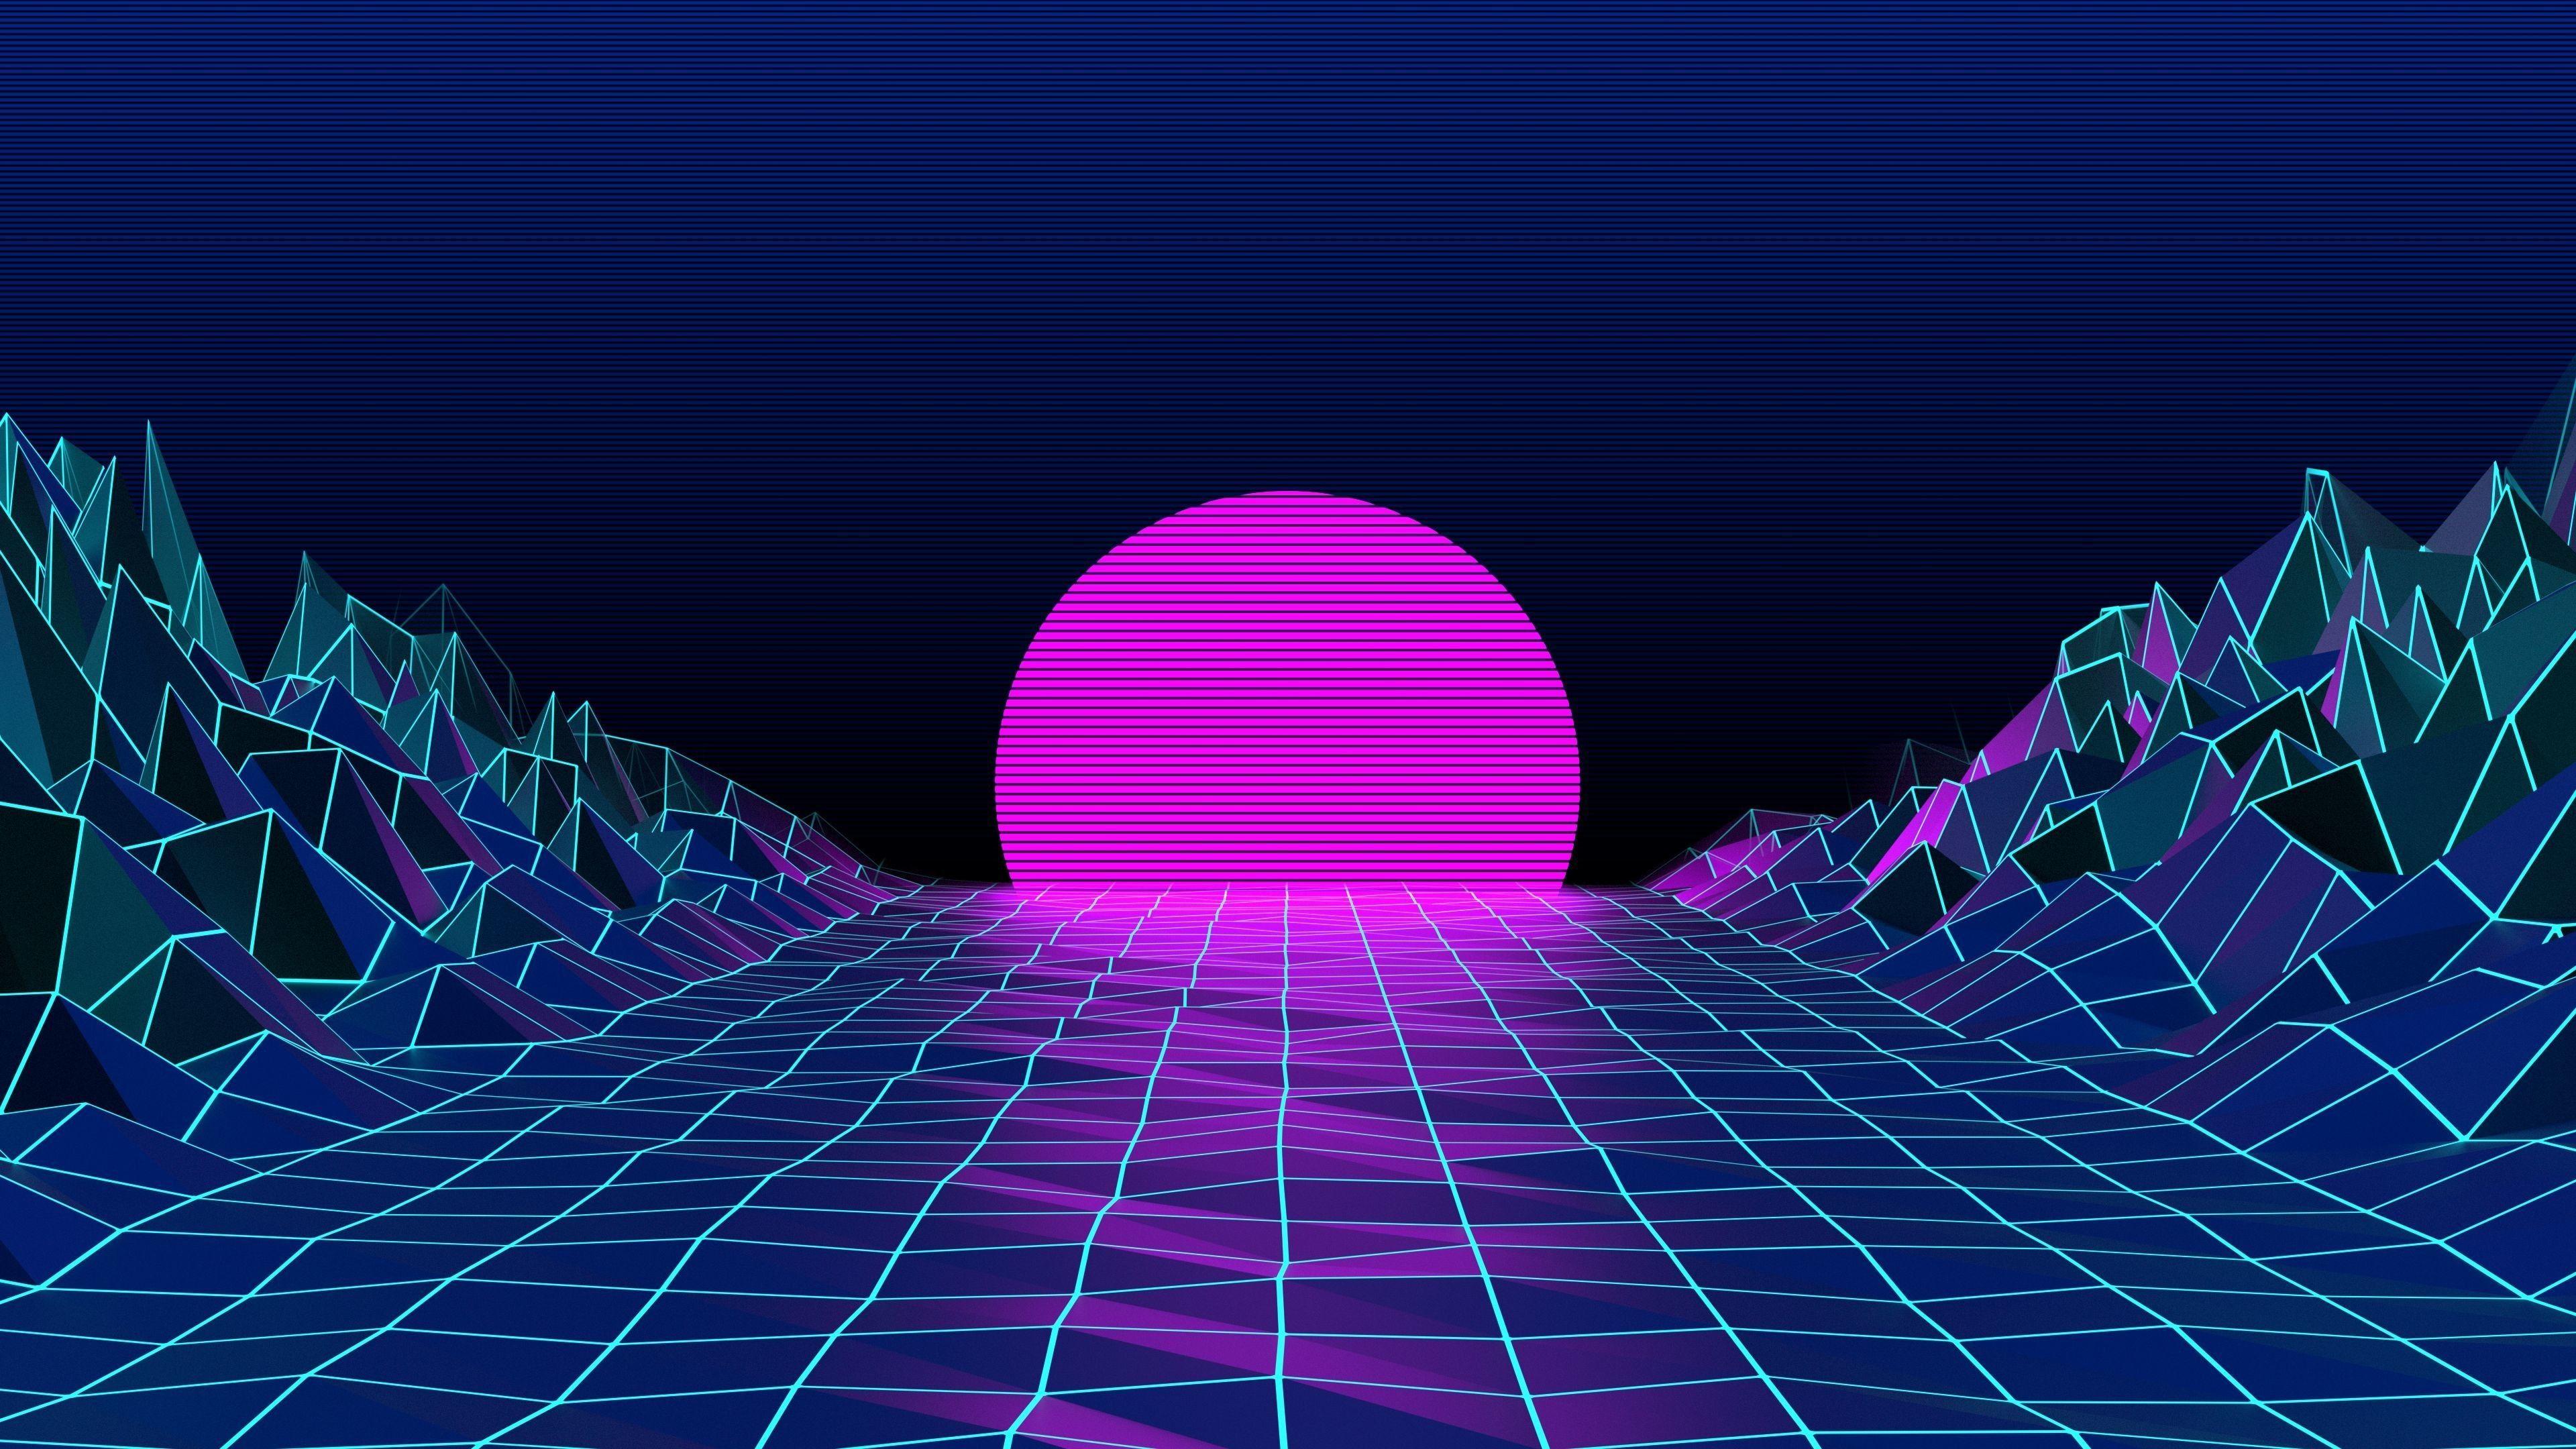 Hình nền 3840x2160 Neon 80S